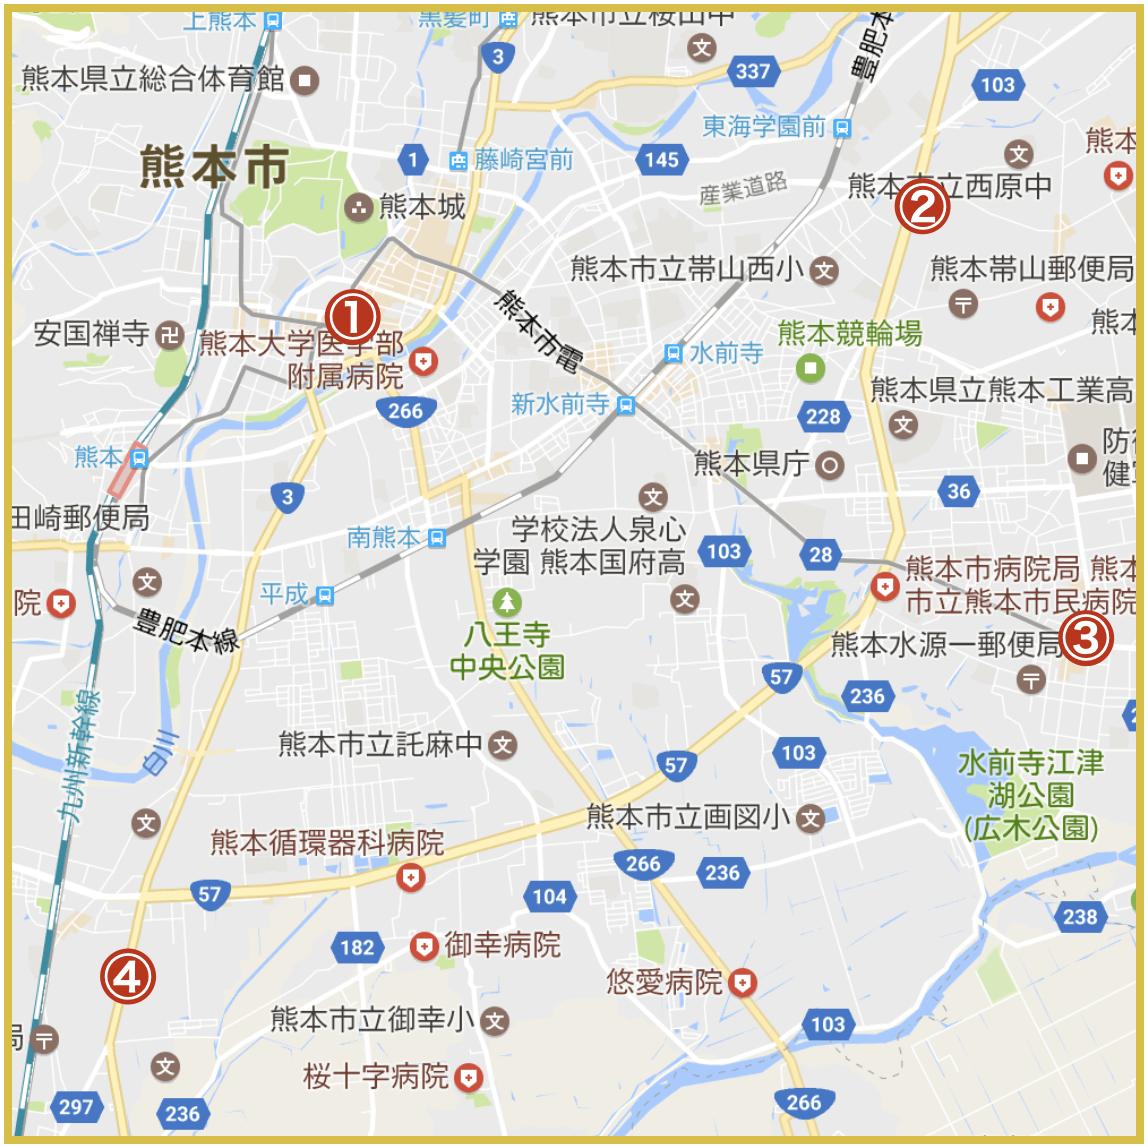 熊本県熊本市にあるアイフル店舗・ATMの位置